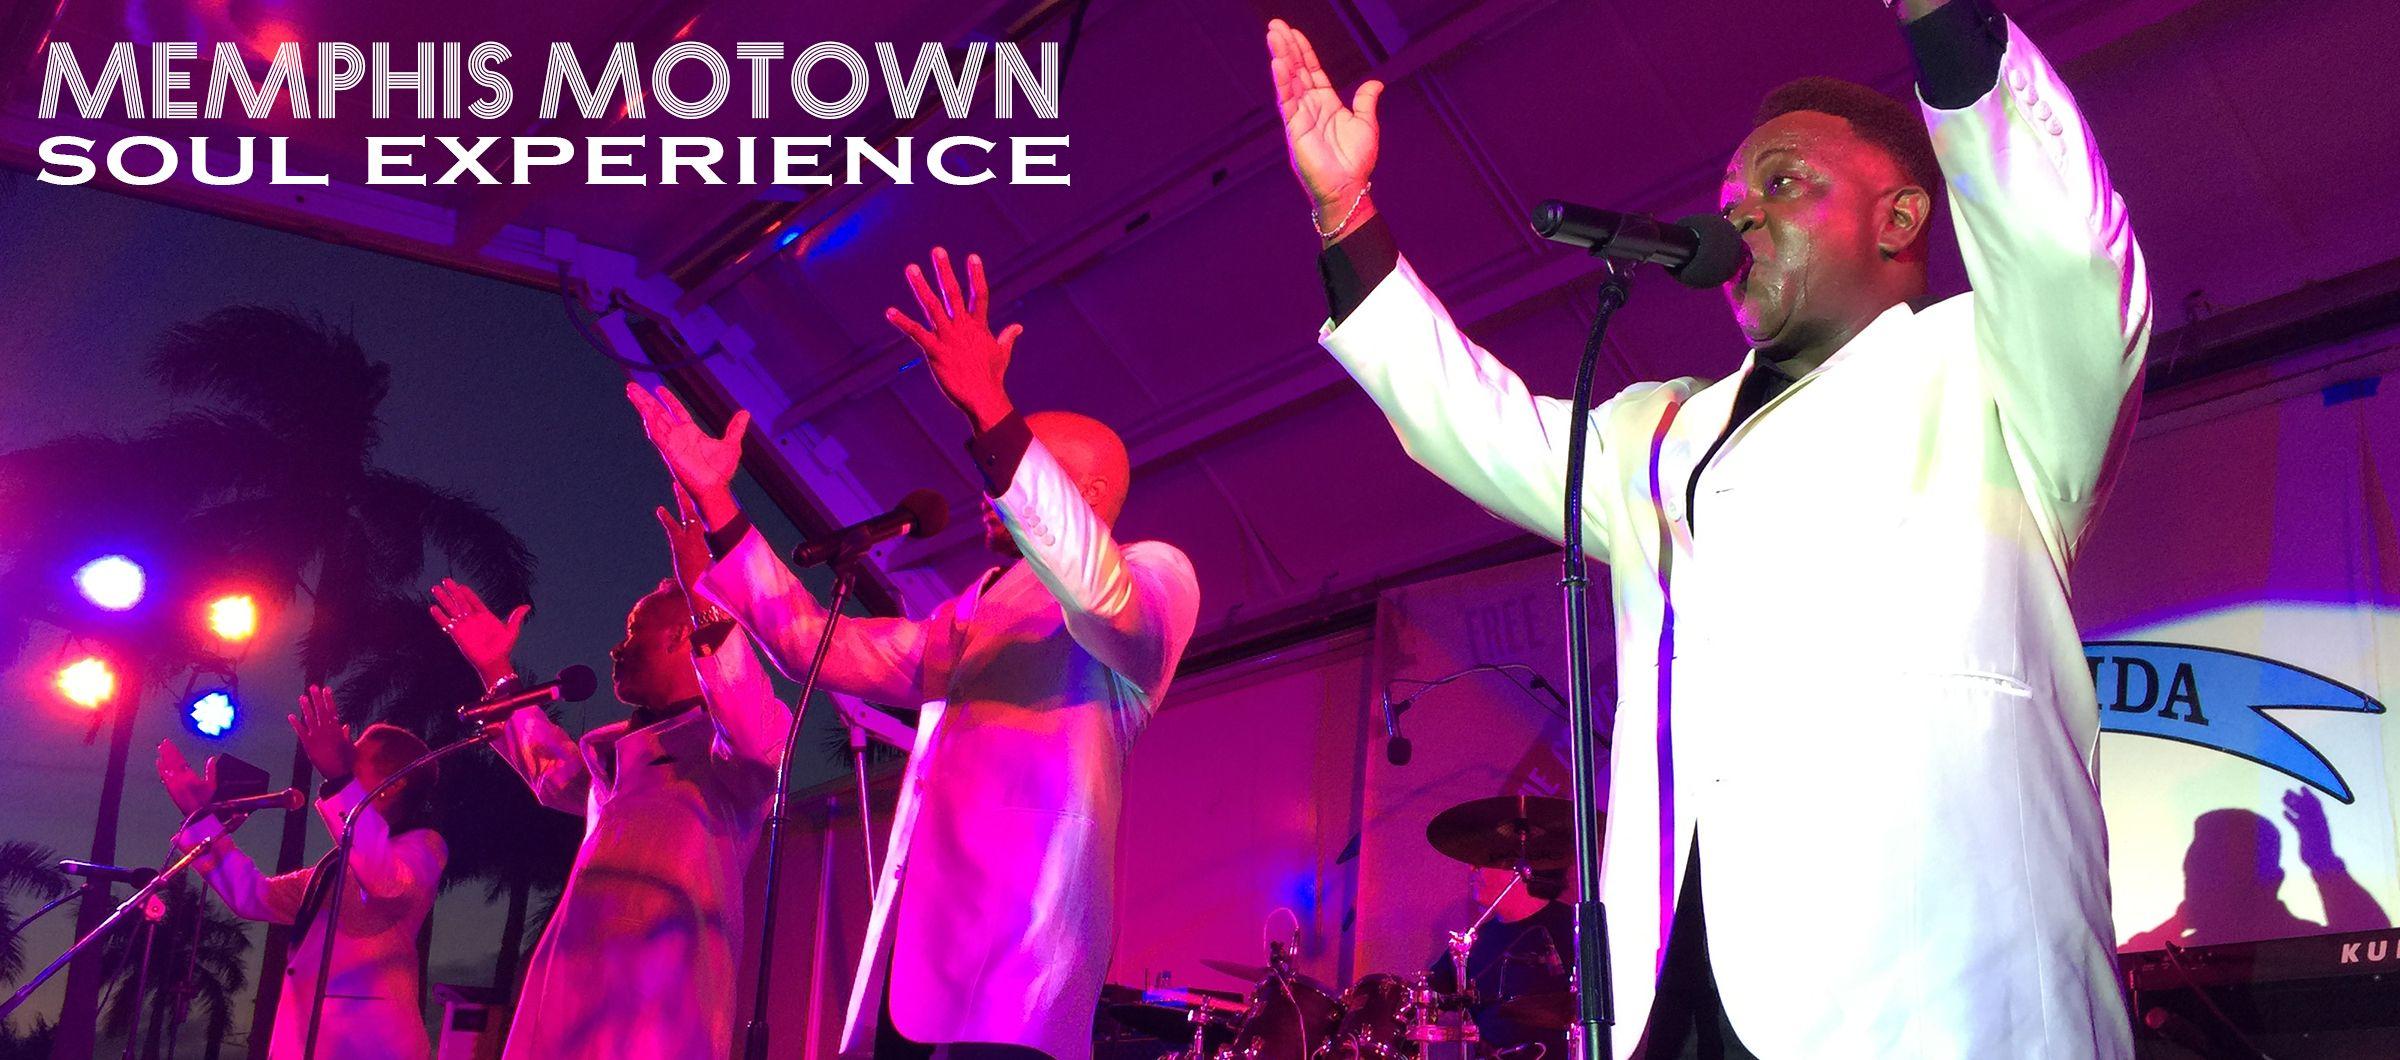 Memphis Motown Soul Experience